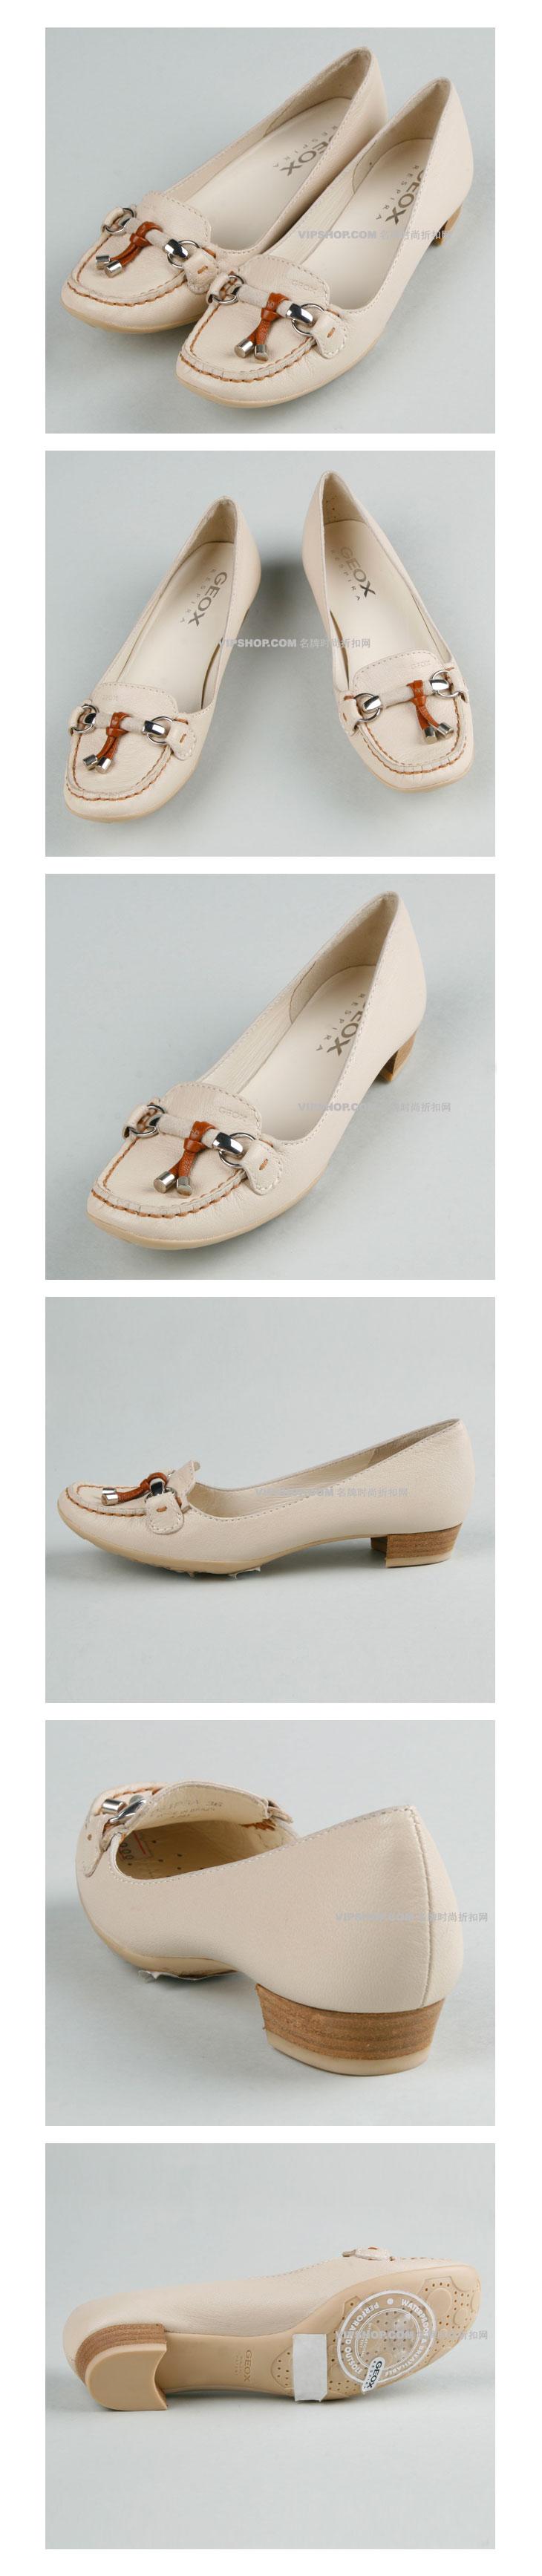 健乐士geox女款杏色羊皮鞋